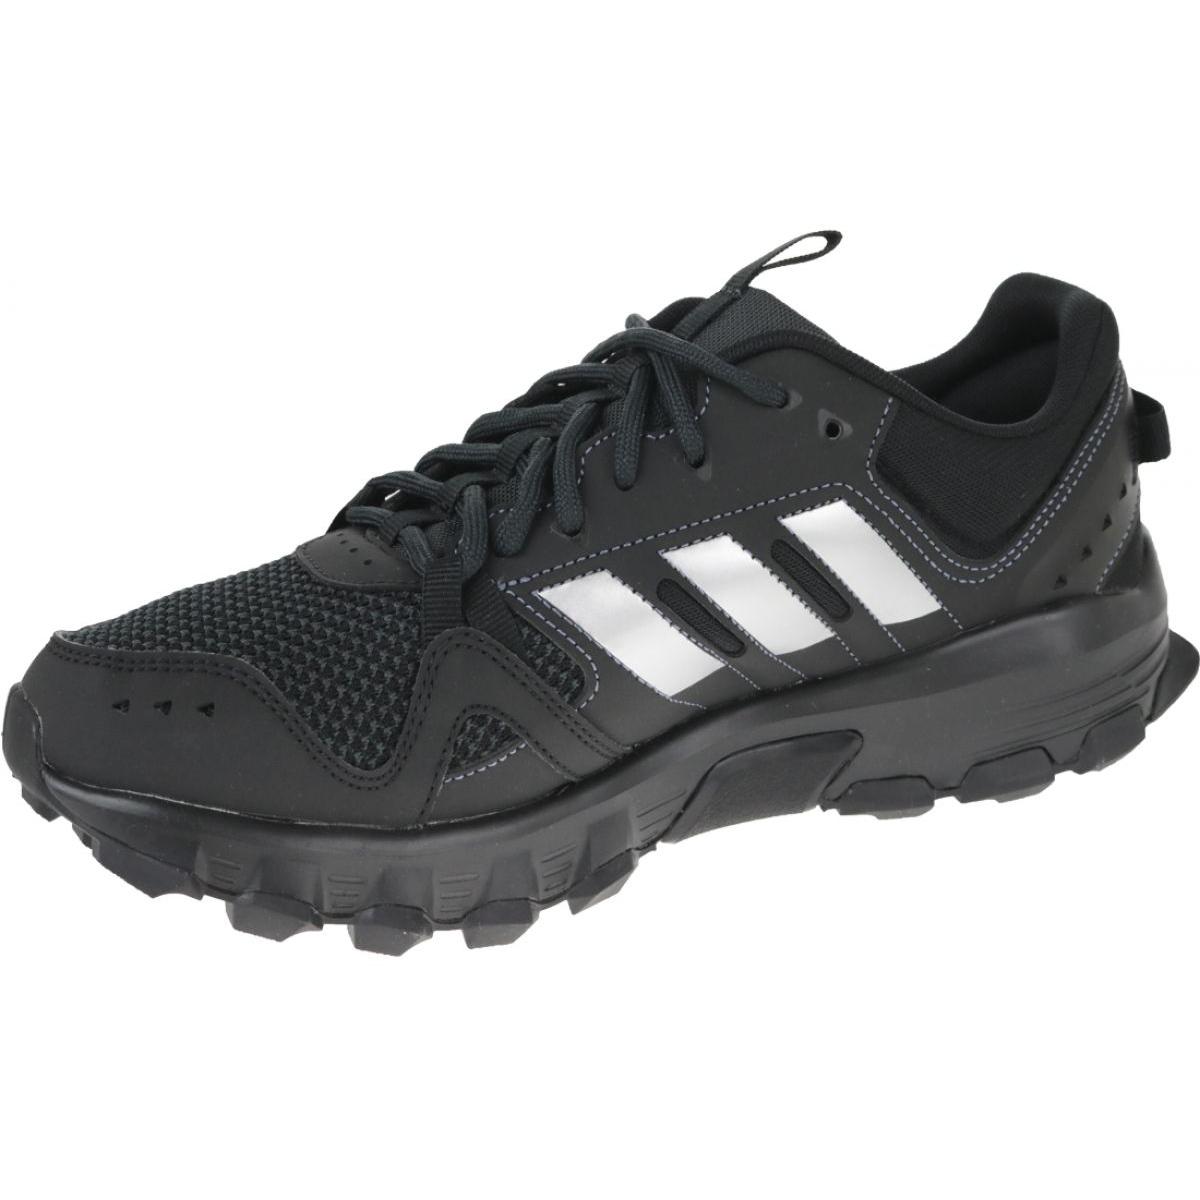 Détails sur Chaussures Adidas Rockadia Trail M CG3982 noir